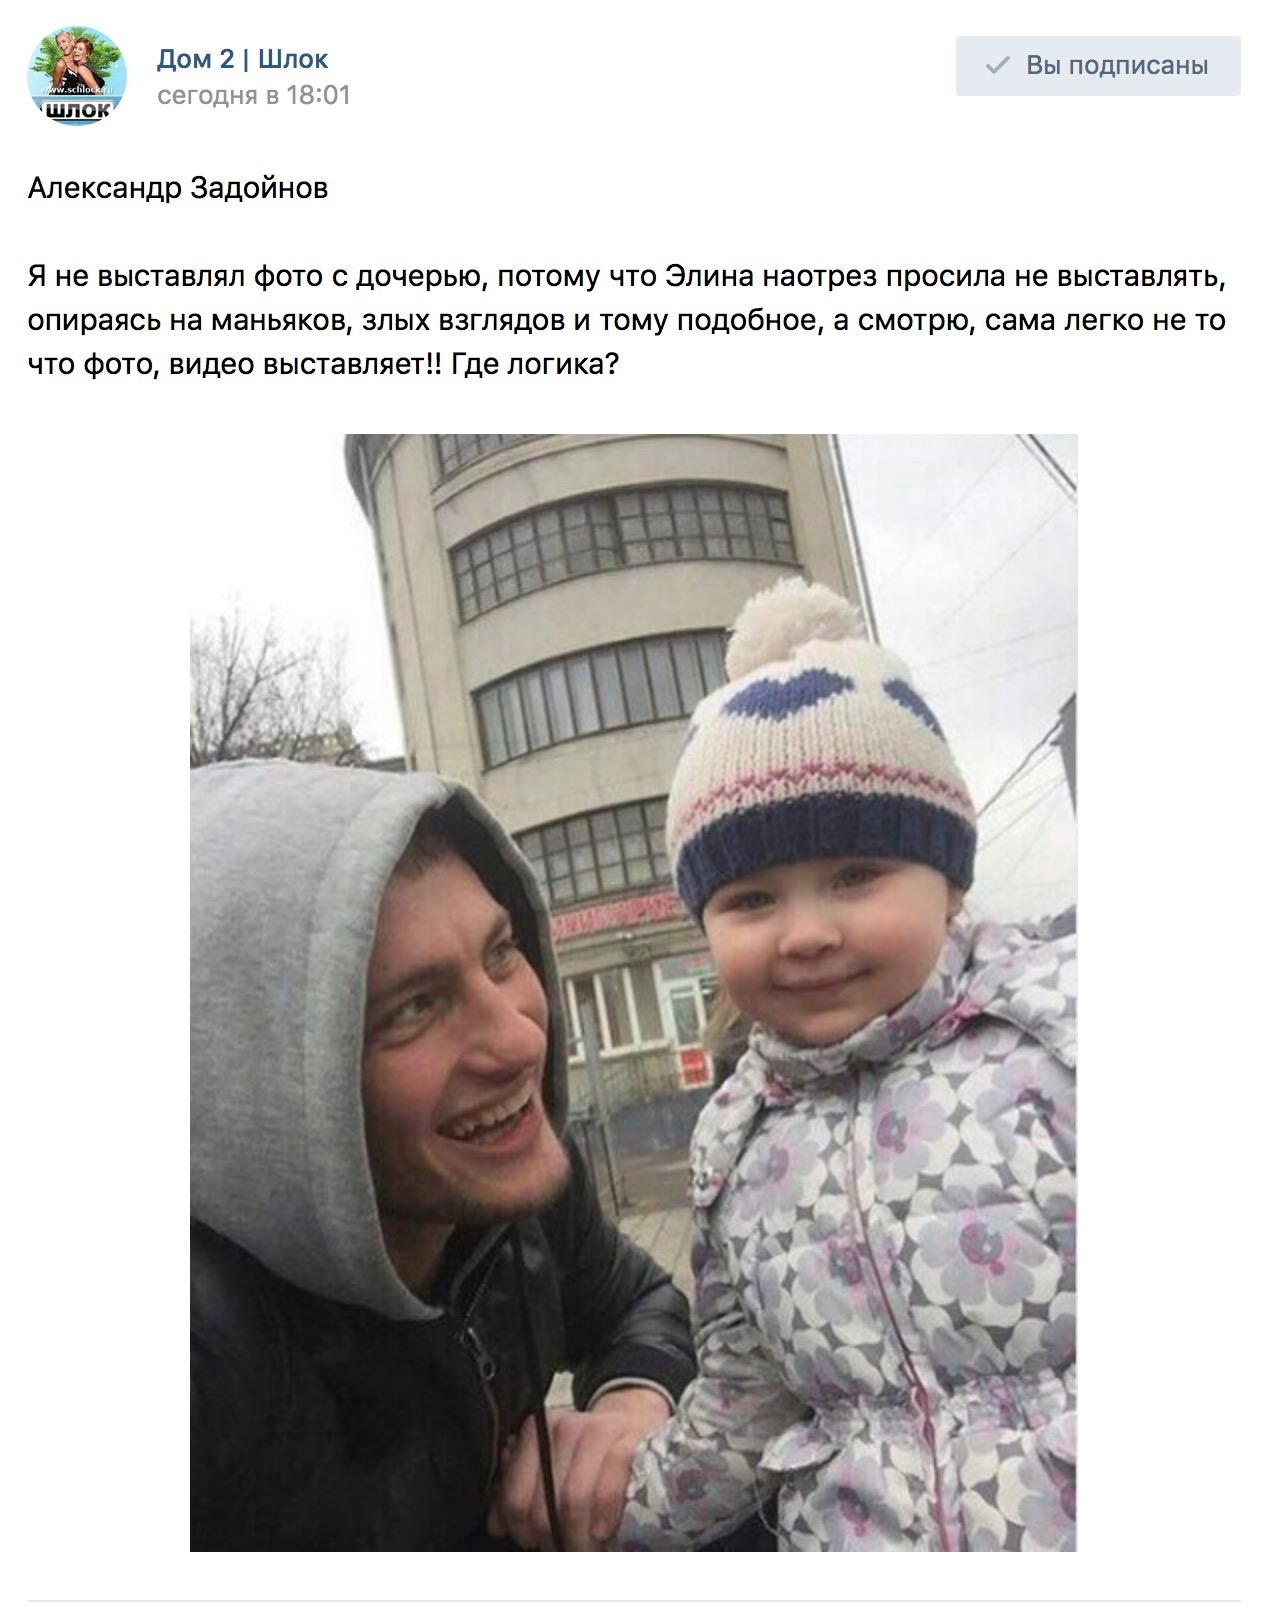 Я не выставлял фото с дочерью